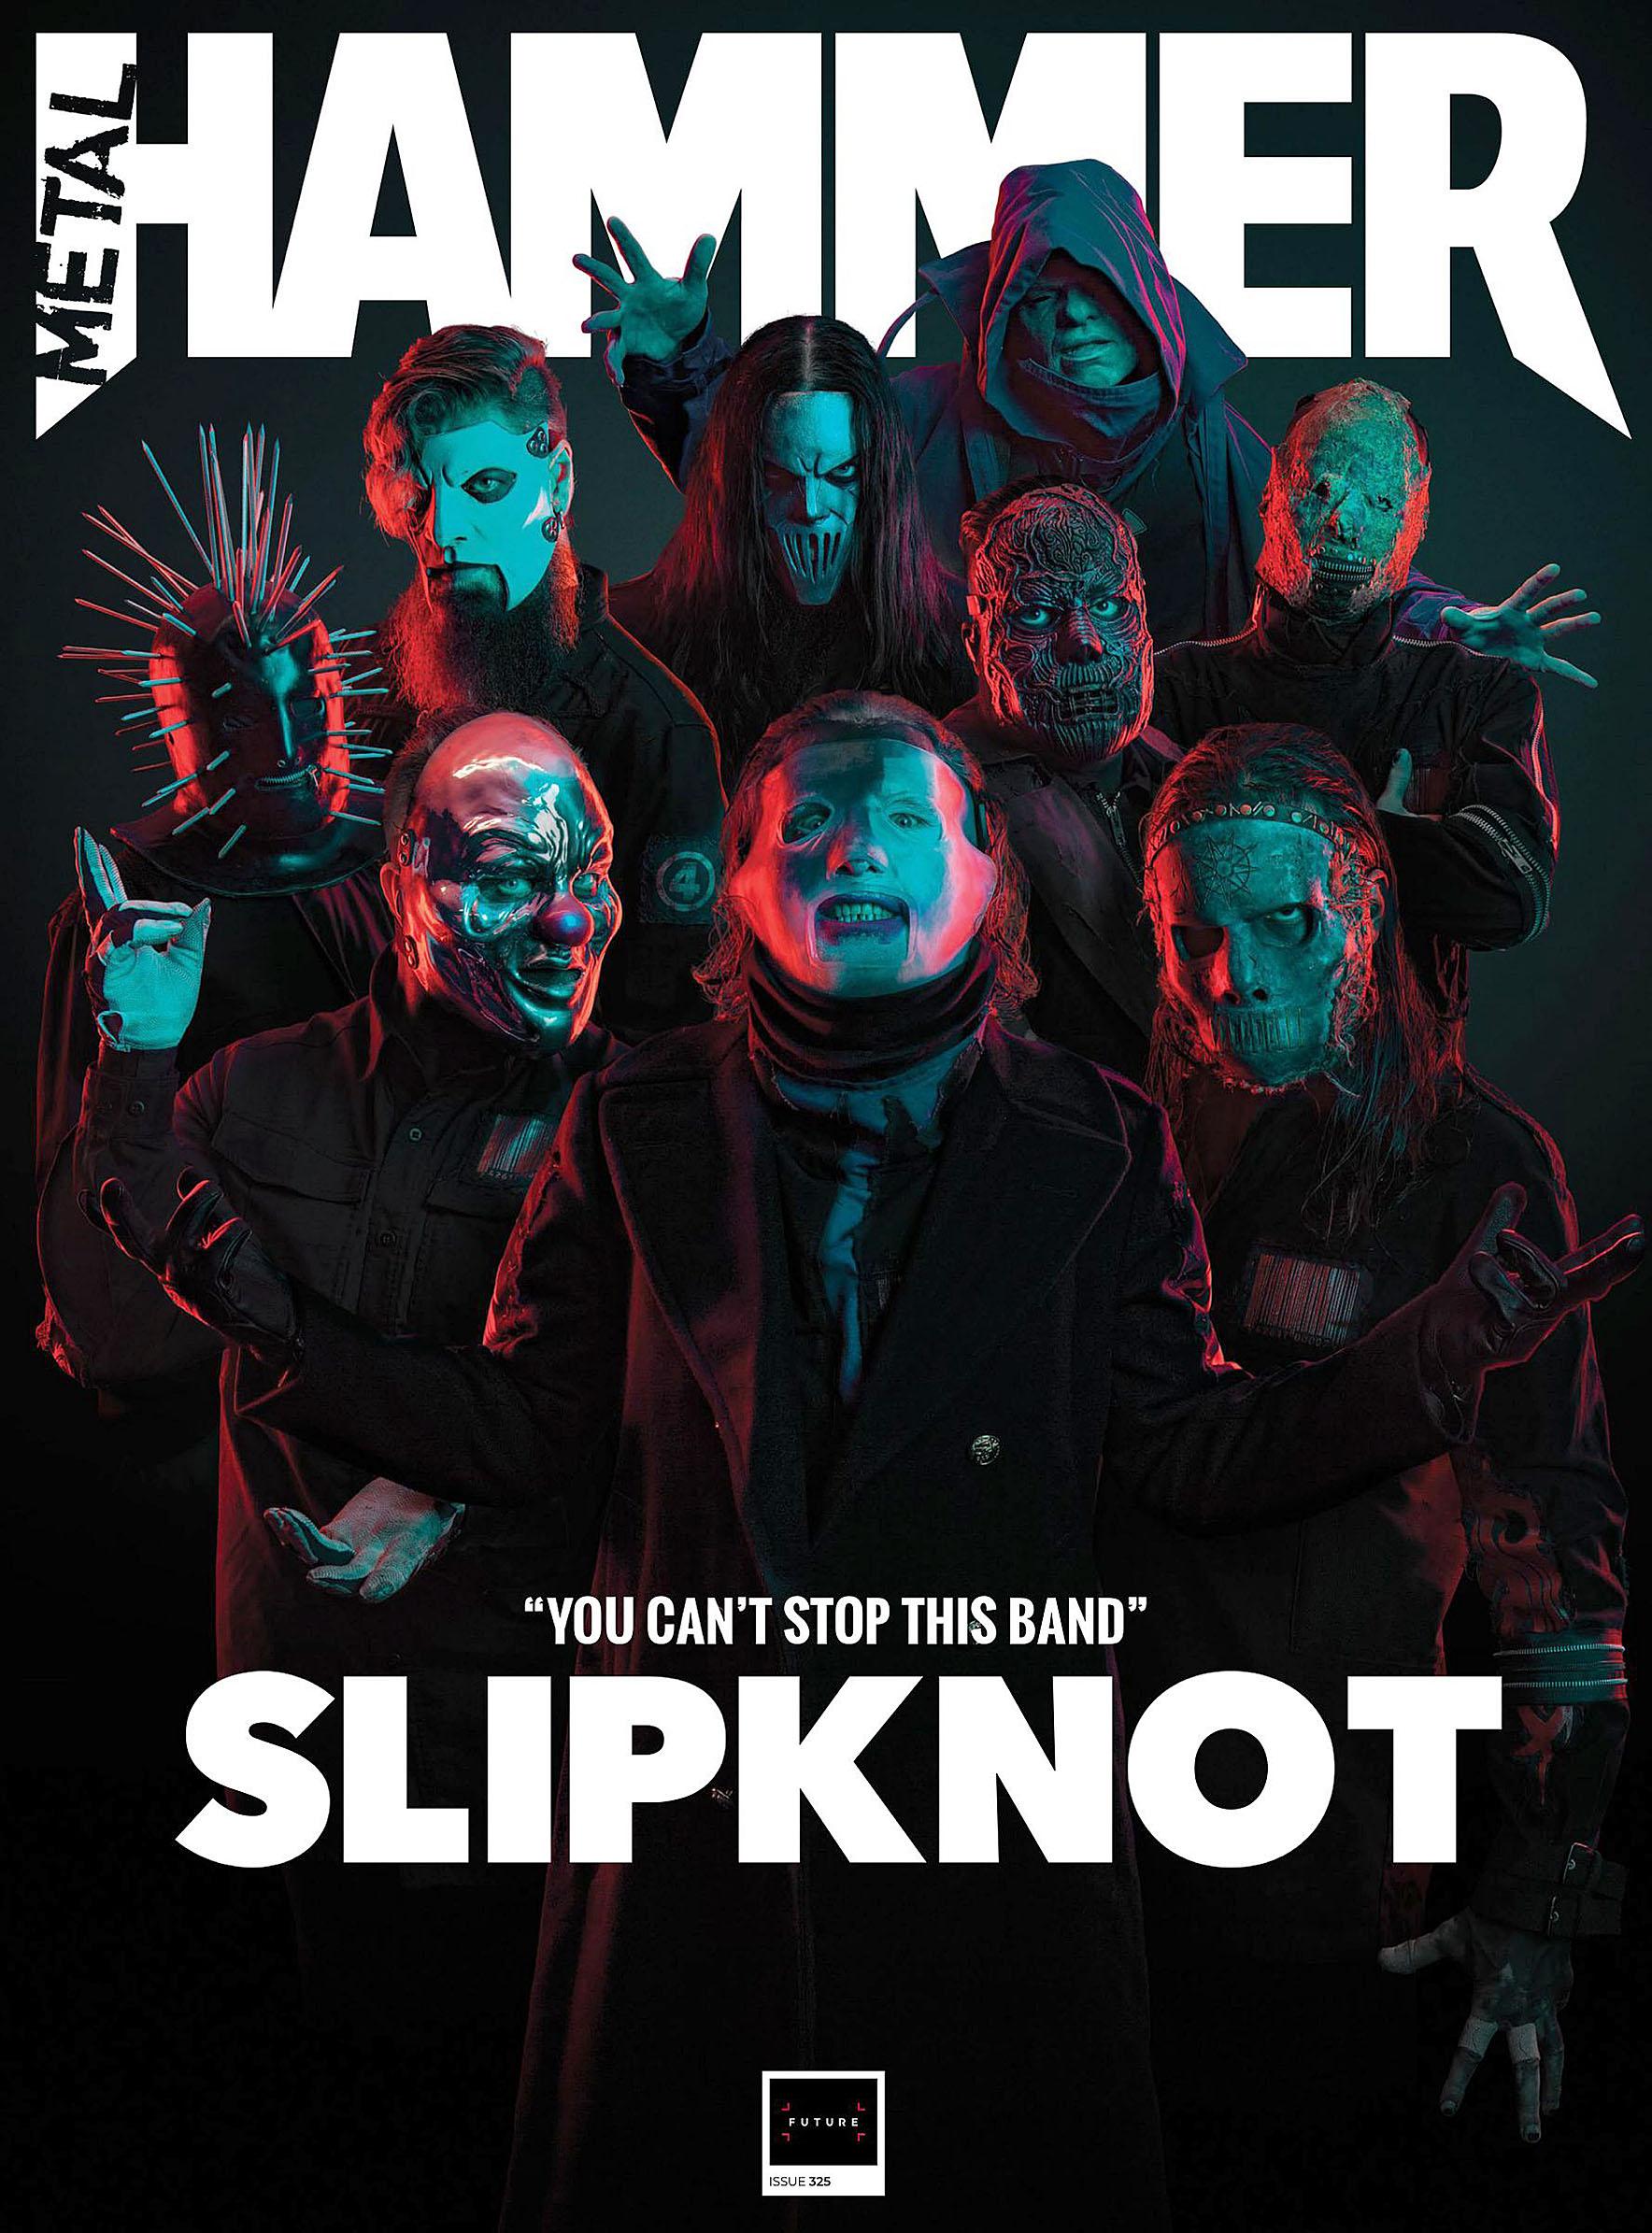 Metal Hammer UK 2019 Summer001.jpg